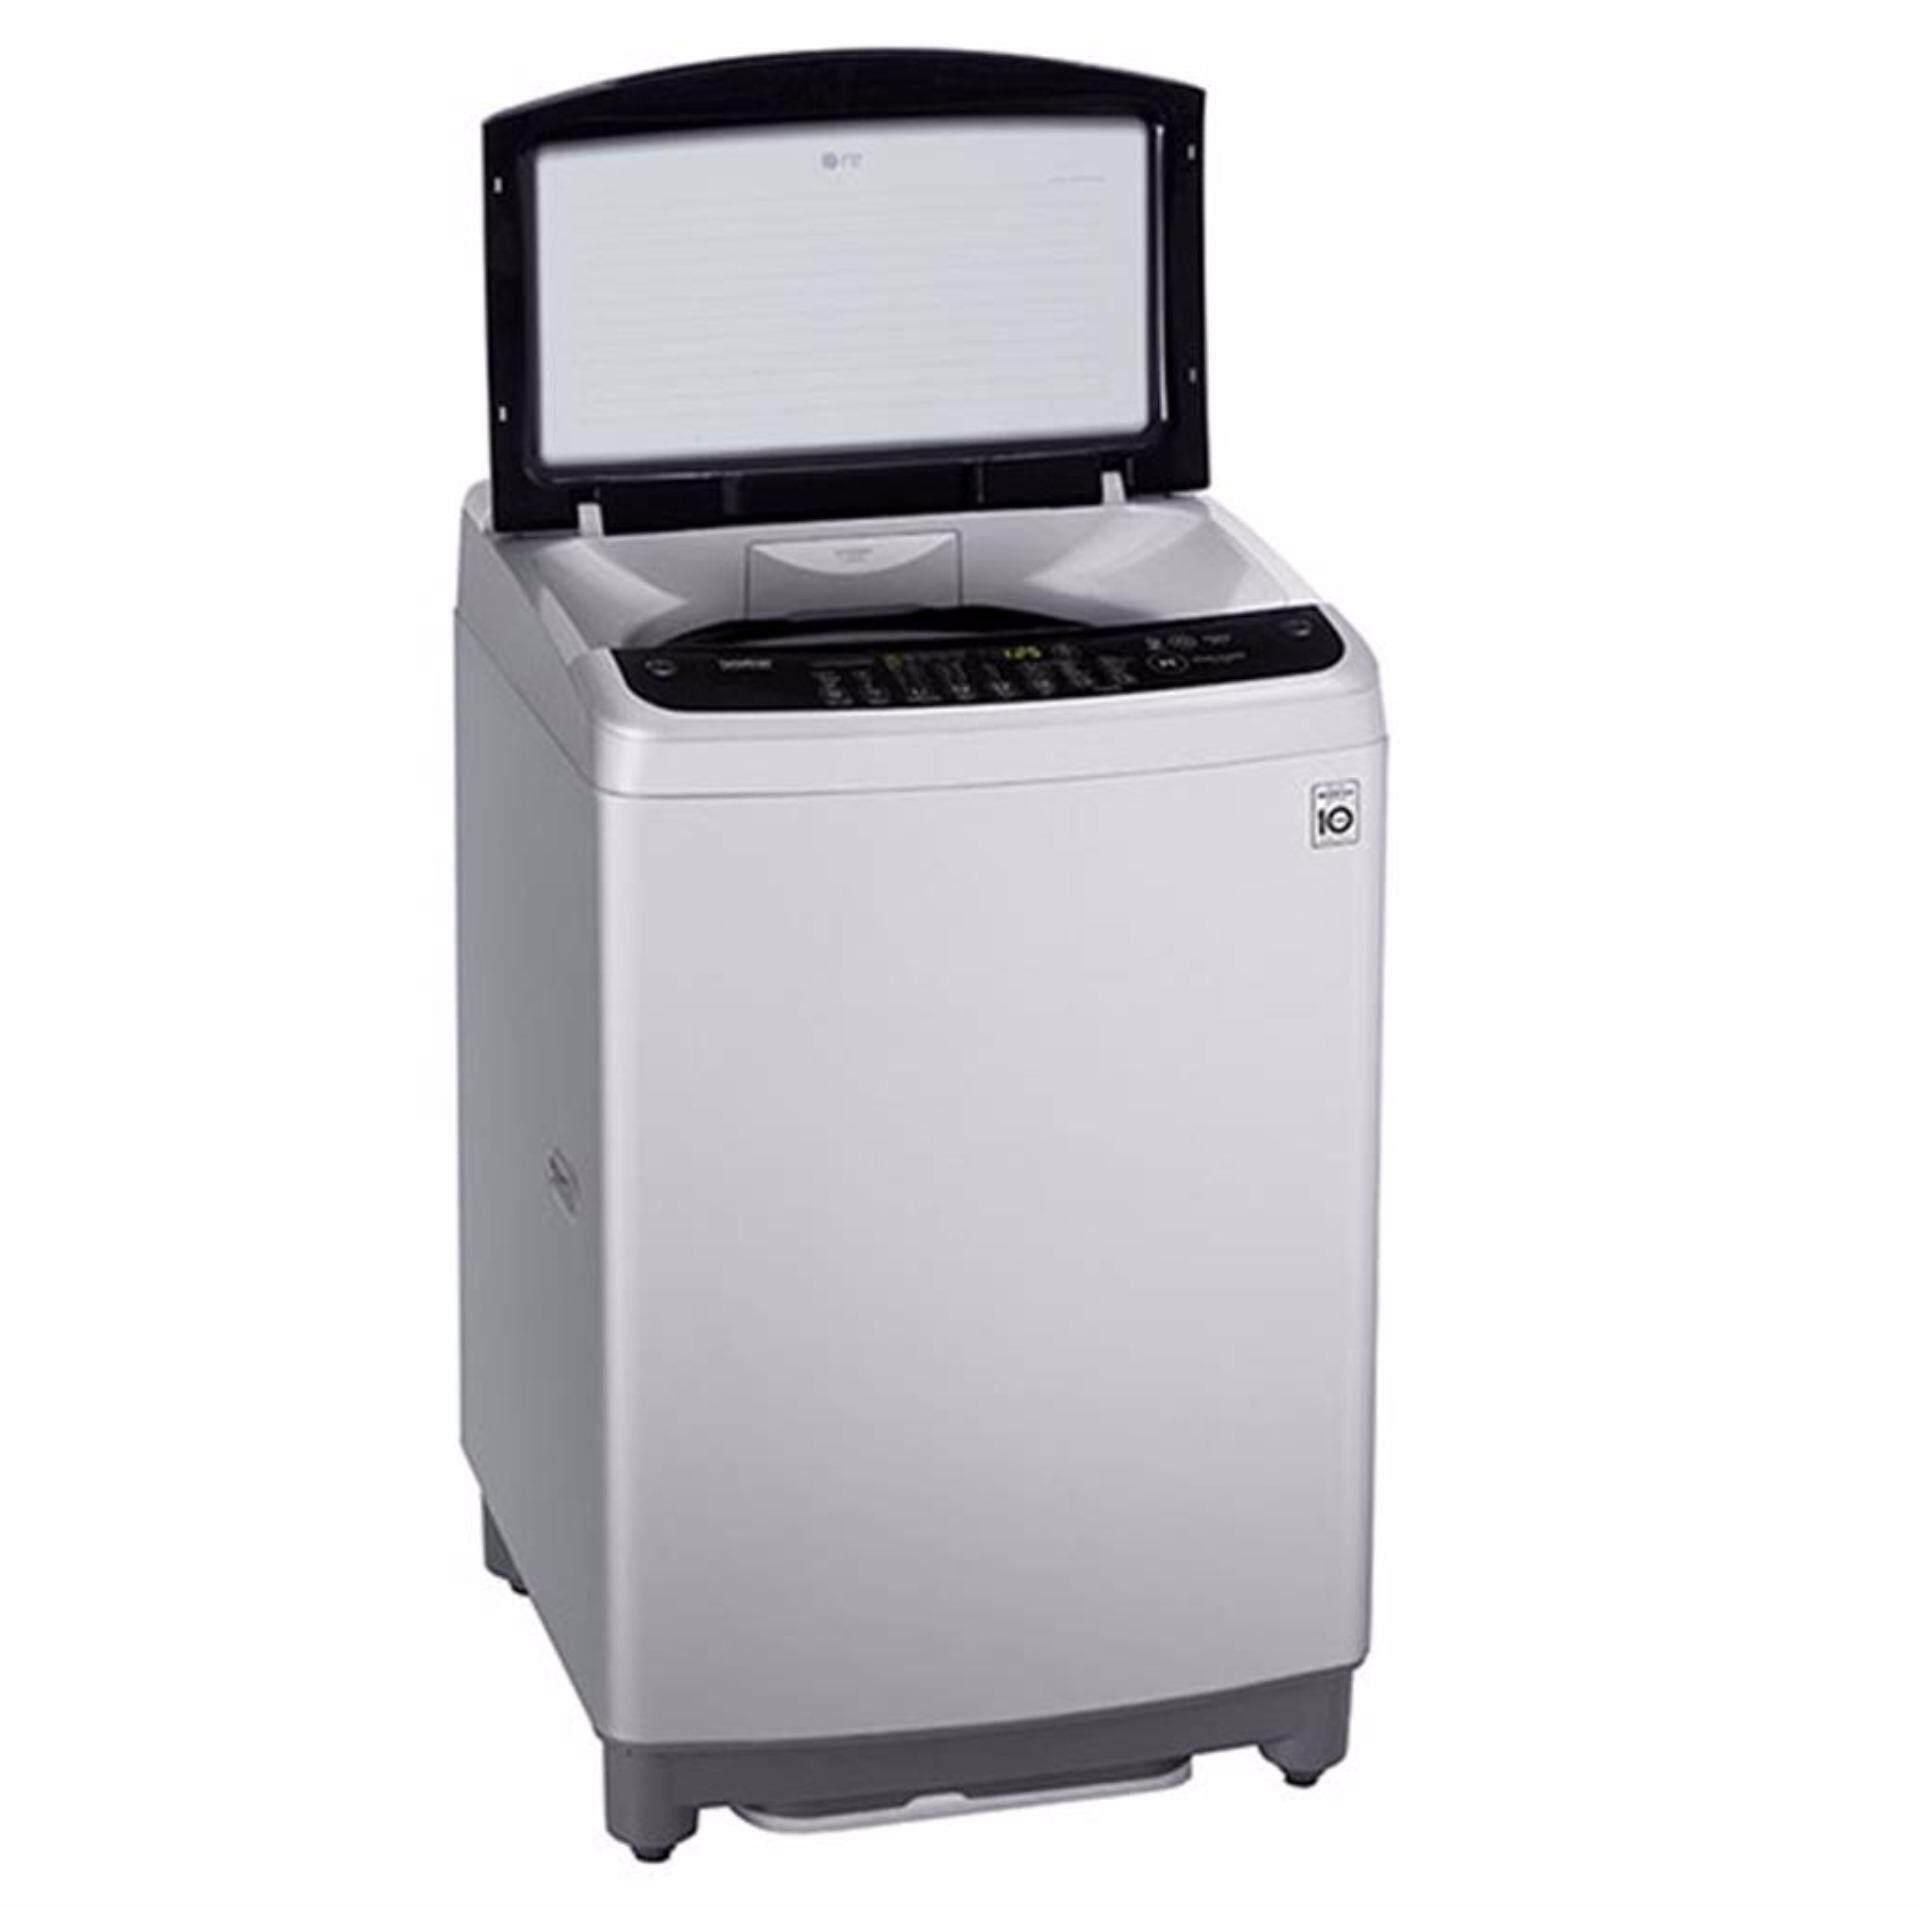 แนะนำ เครื่องซักผ้า Toshiba ลดราคา -60% เครื่องซักผ้าโตชิบา รุ่น AW-DG1500W ความจุ 14 กก. ถังซักสแตนเลส Mega Power Wash คลิ๊กรับคูปองส่วนลด